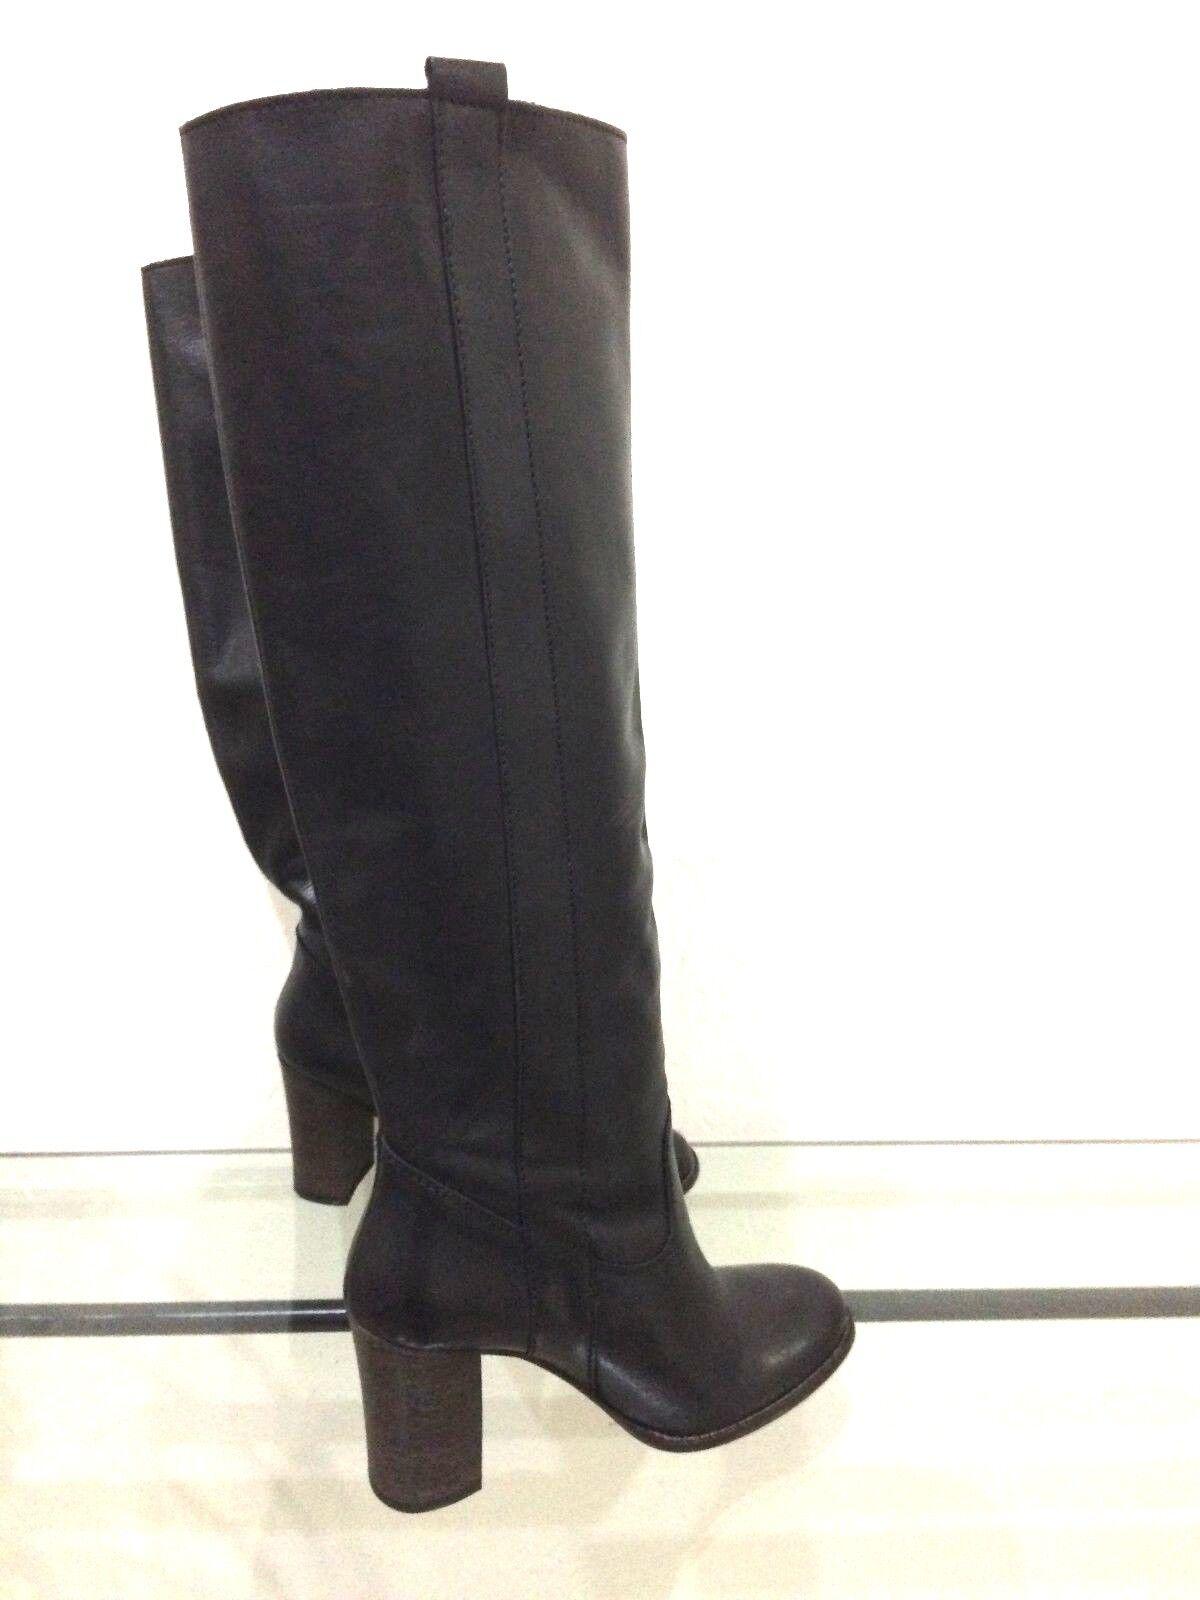 MAGNIFIQUE BOTTE FEMME SAN MARINA size 36  black EN CUIR INTERIEUR EXTERIEUR